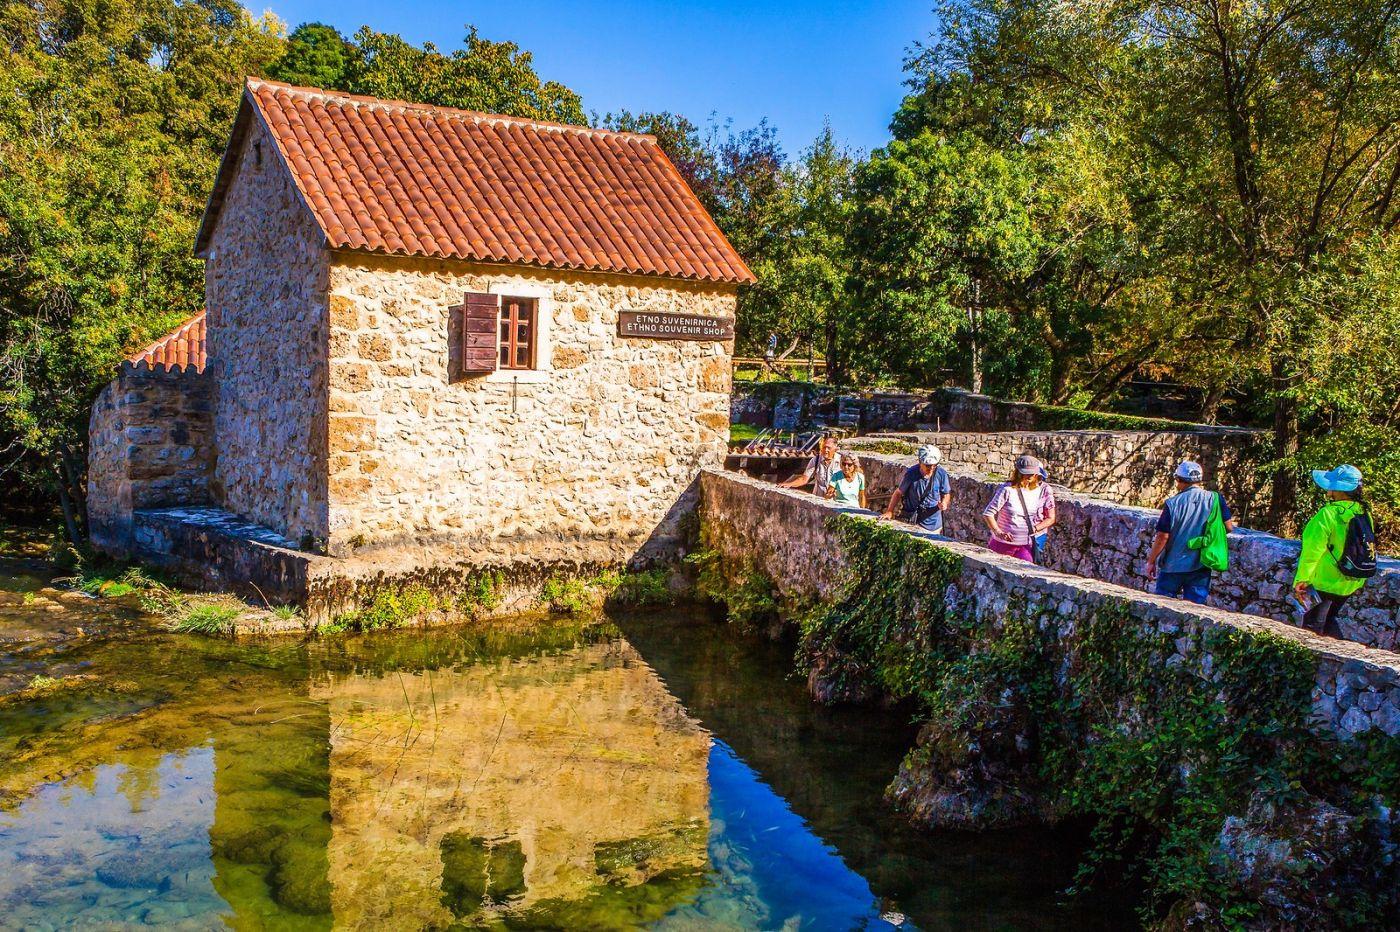 克罗地亚克尔卡国家公园(Krka National Park),小桥小路小房_图1-4